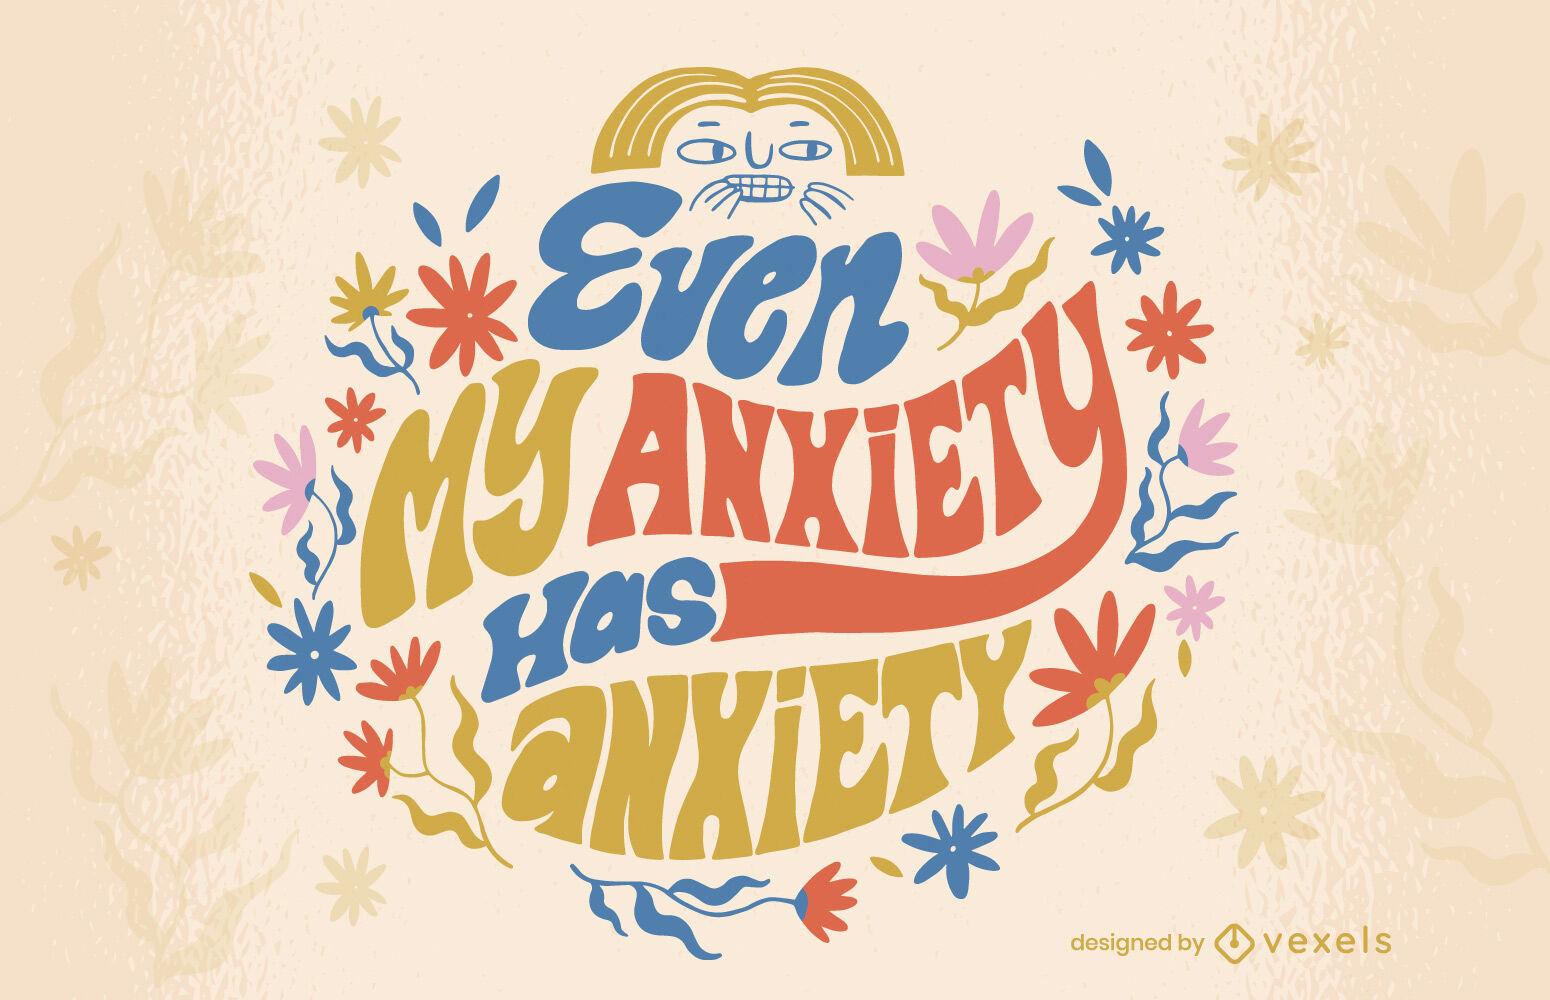 Dise?o de cita de letras de ansiedad divertida